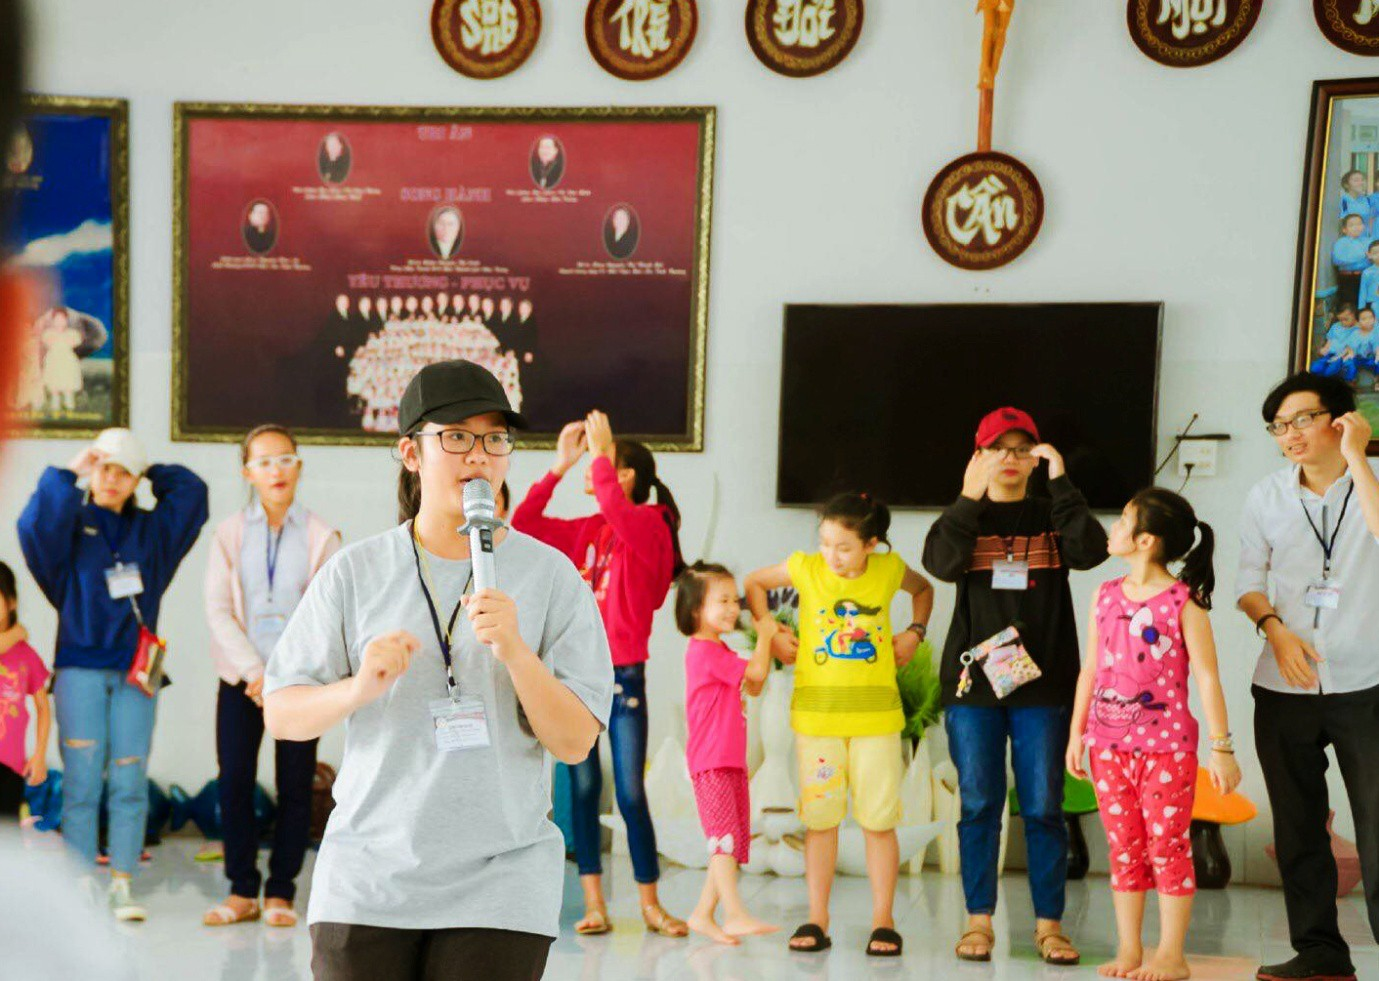 Chinh phục học bổng Chủ tịch SIU nhờ tài lãnh đạo - Ảnh 3.